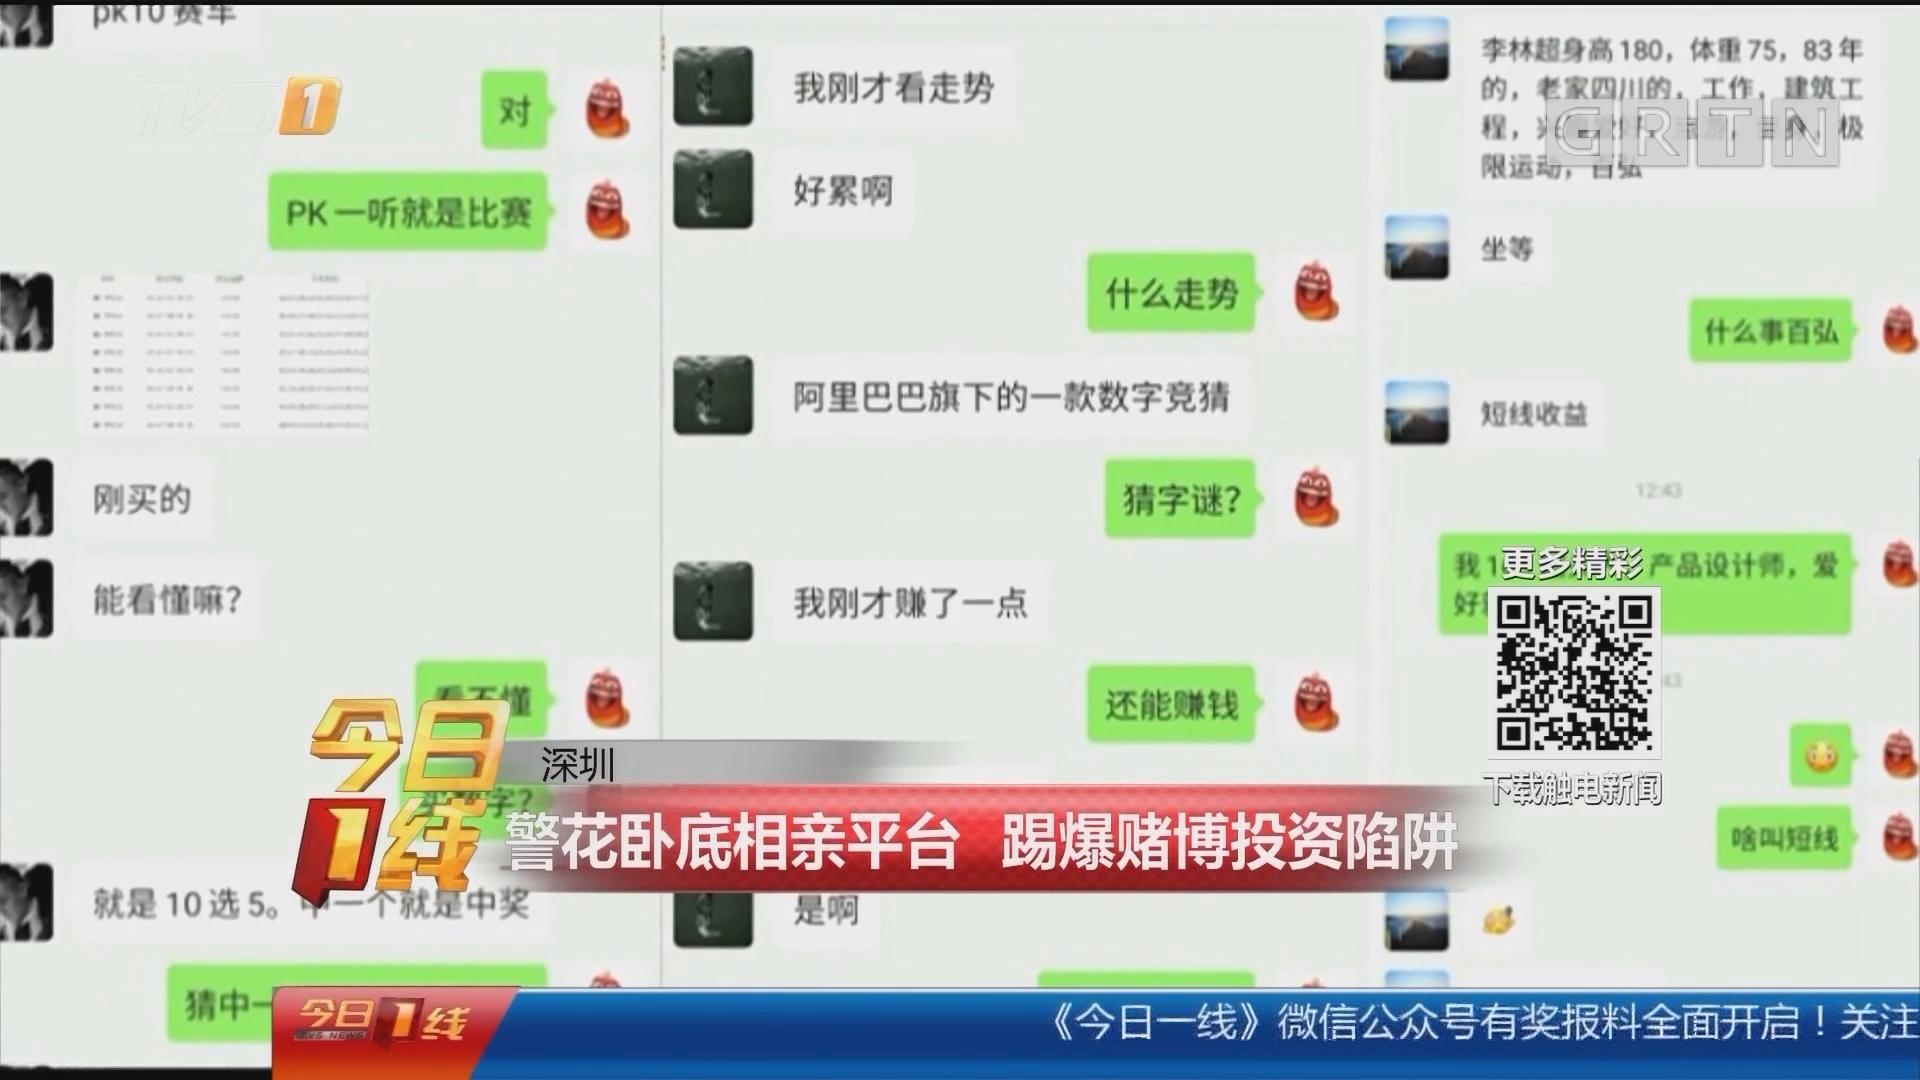 深圳:警花卧底相亲平台 踢爆赌博投资陷阱